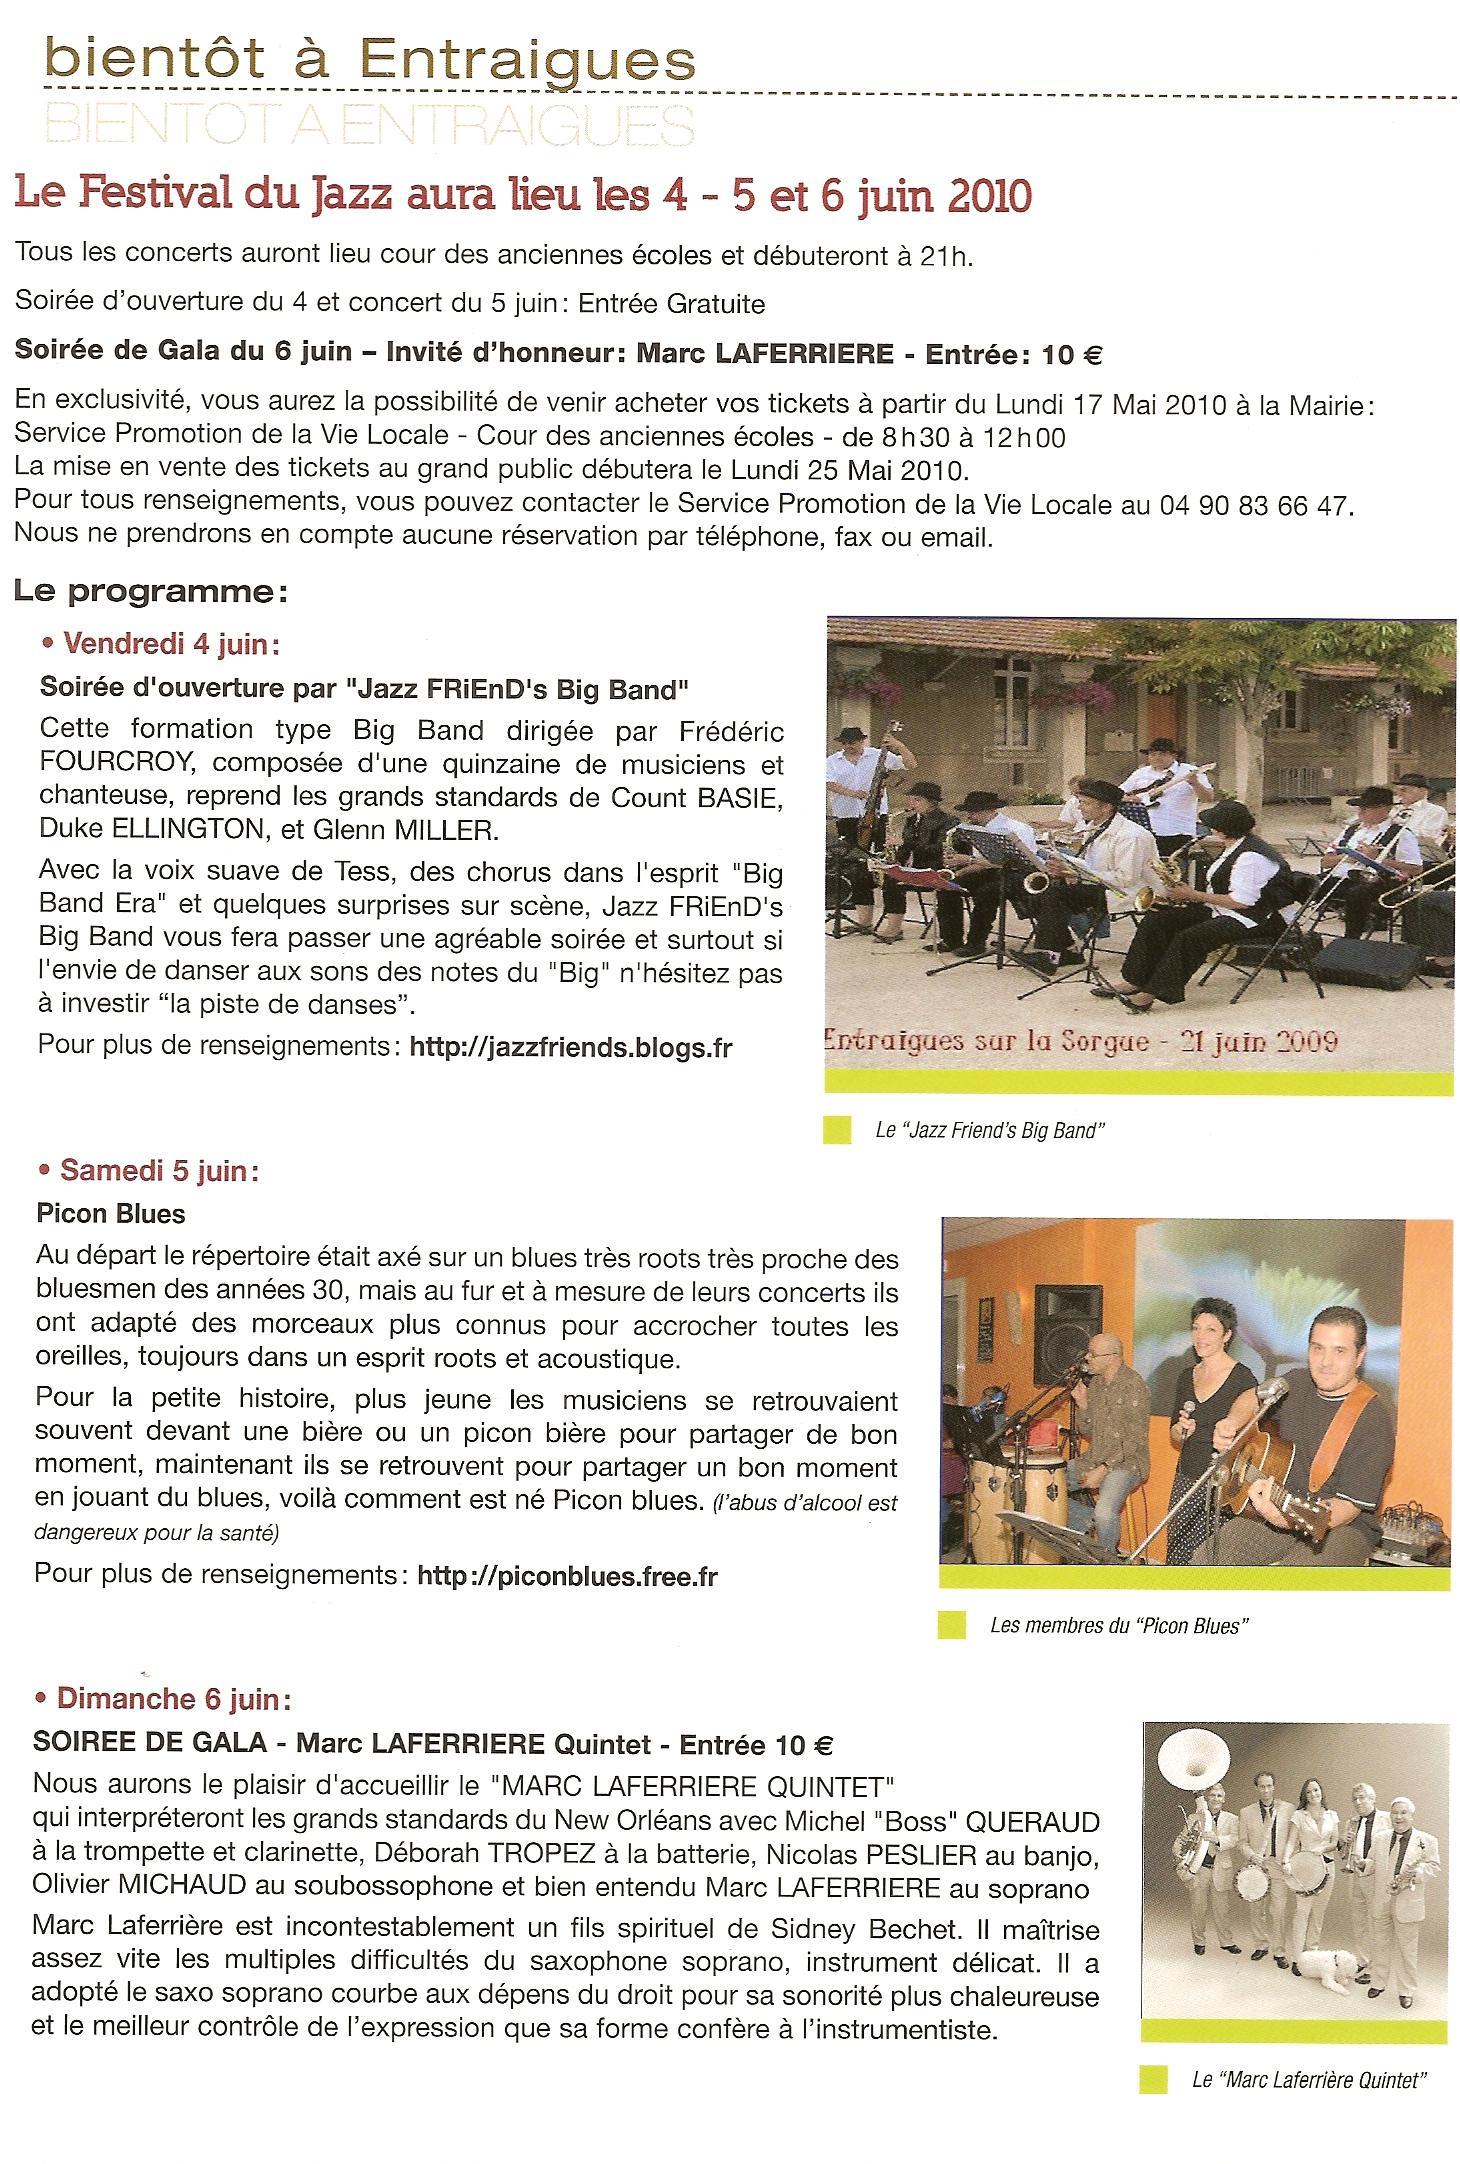 Bulletin municipal Entraigues mars 2010 1ere page